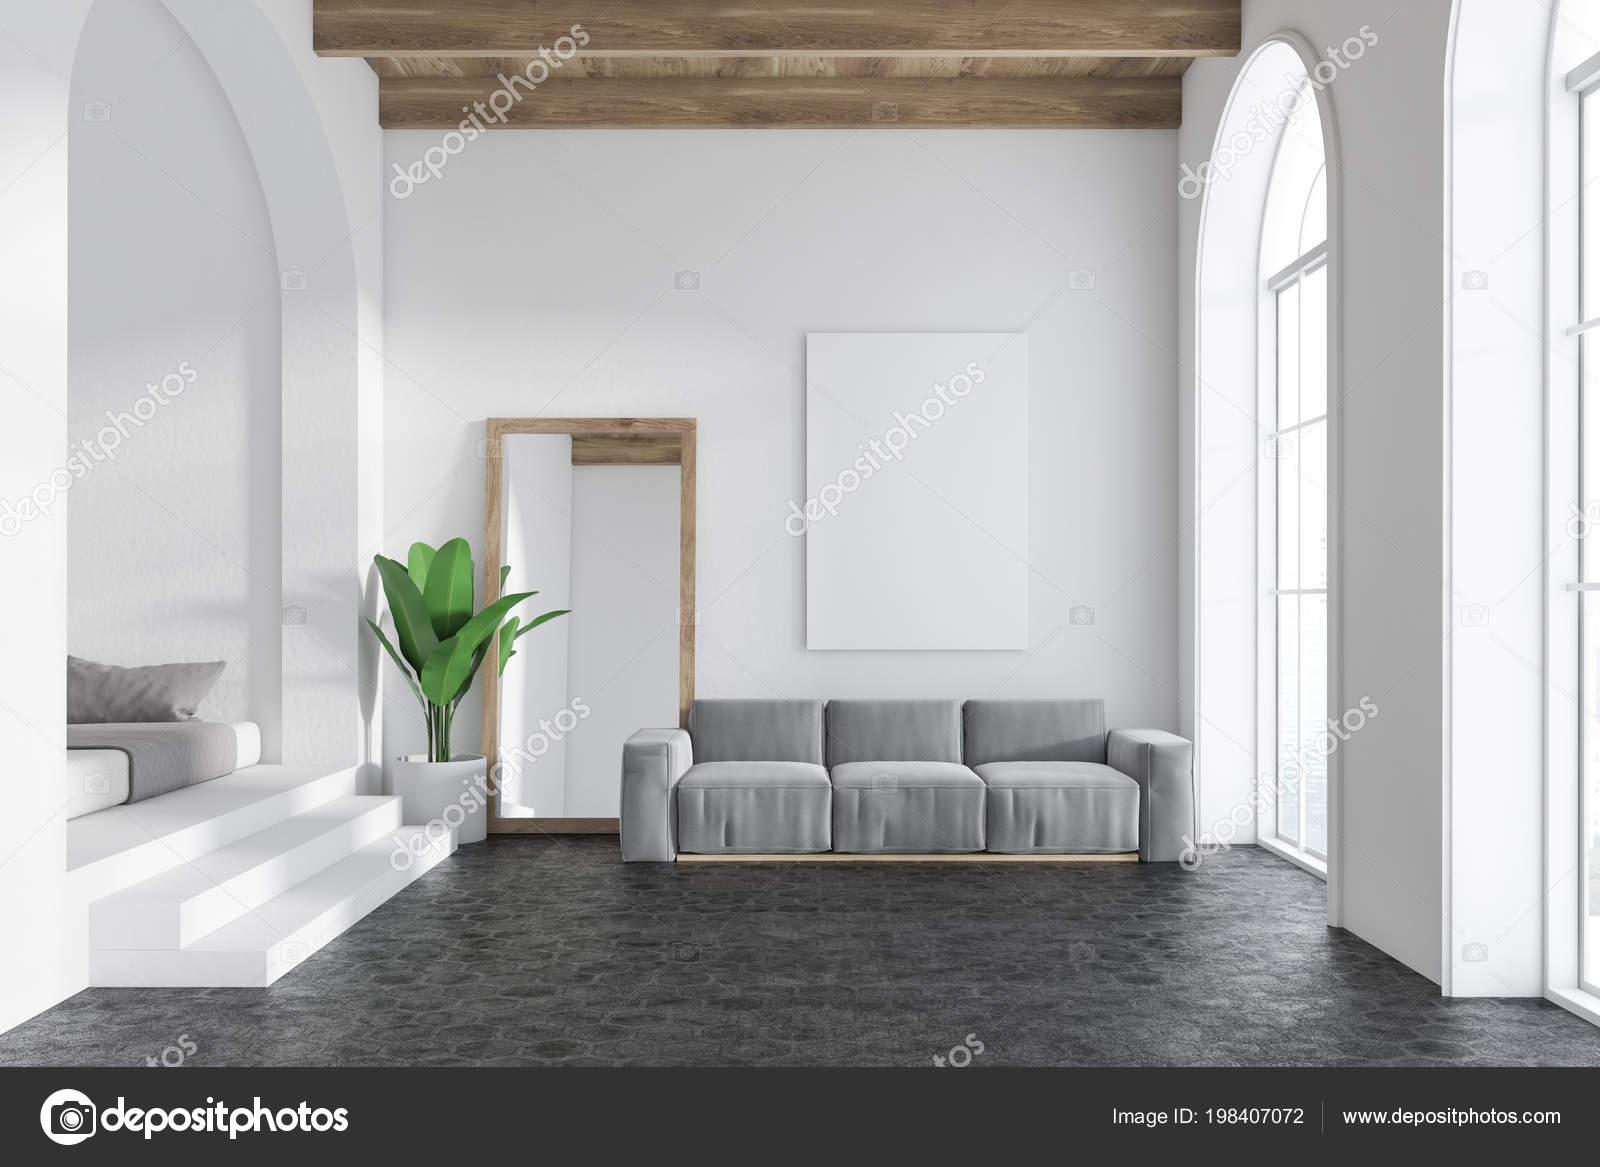 Graue Sofa Wohnzimmer Innenraum Mit Weißen Wänden Rundbogenfenster ...